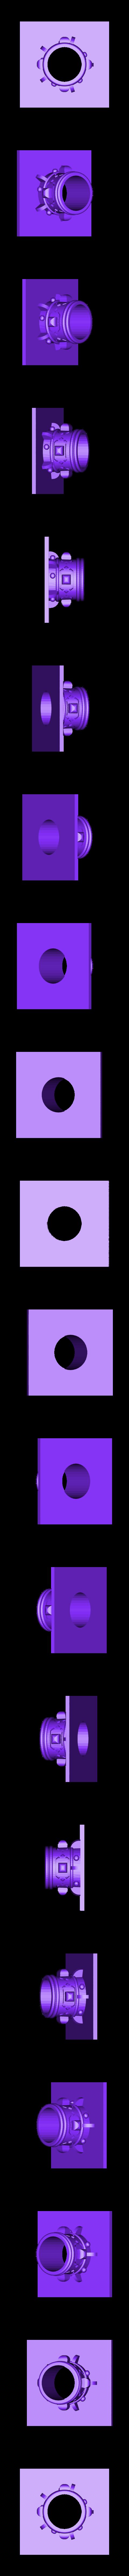 Hammer_bottom.STL Télécharger fichier STL gratuit Marteau piqueur • Plan imprimable en 3D, Rusichar